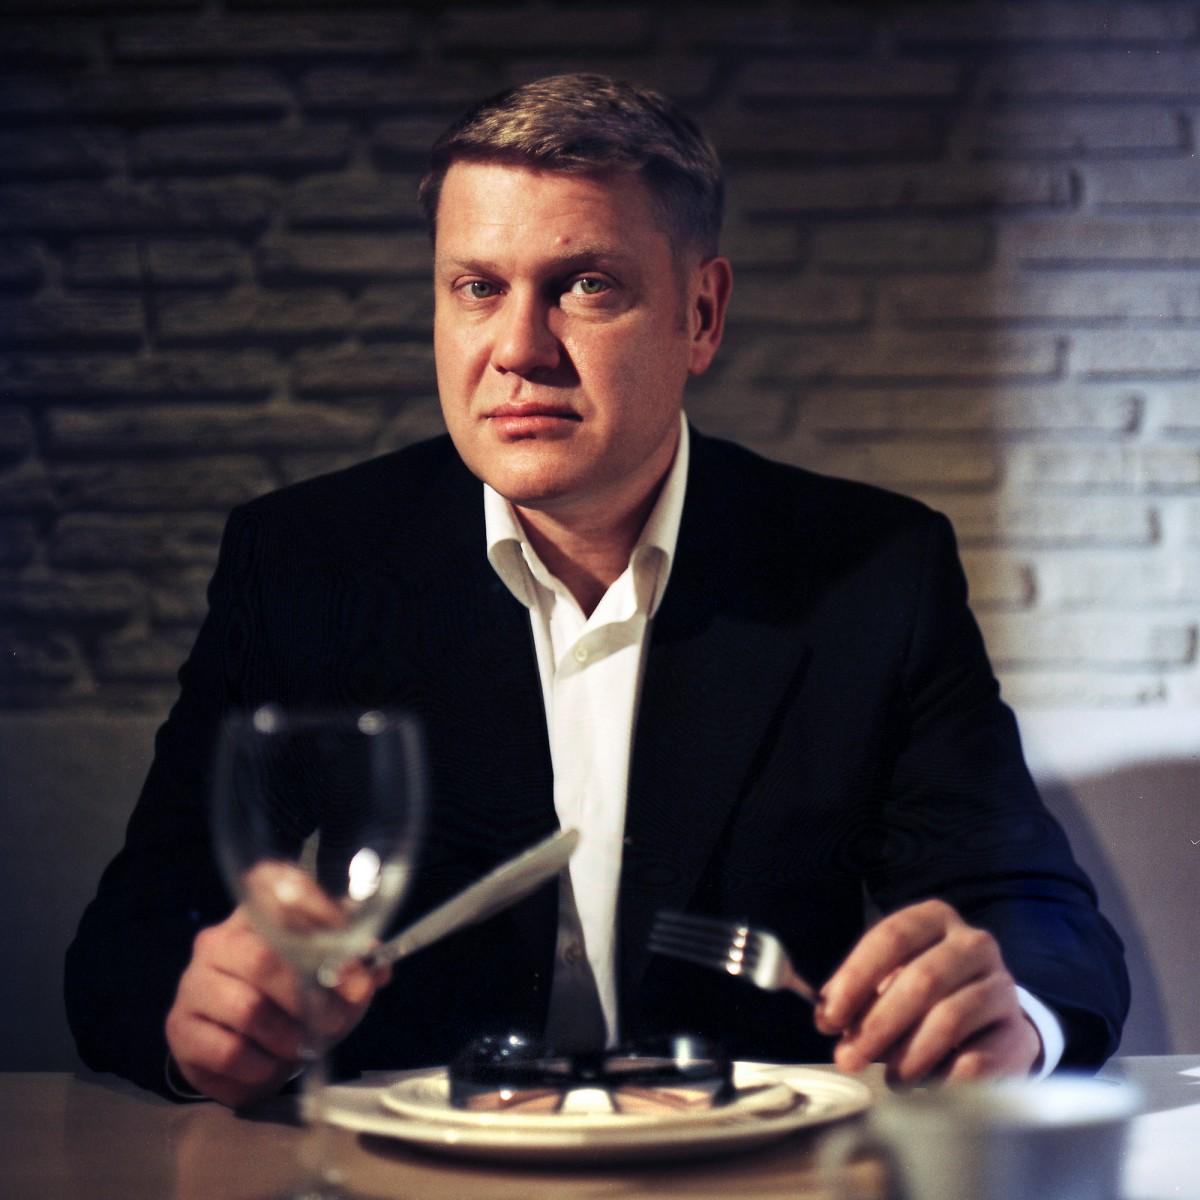 Владислав Галкин - биография, информация, личная жизнь, фото